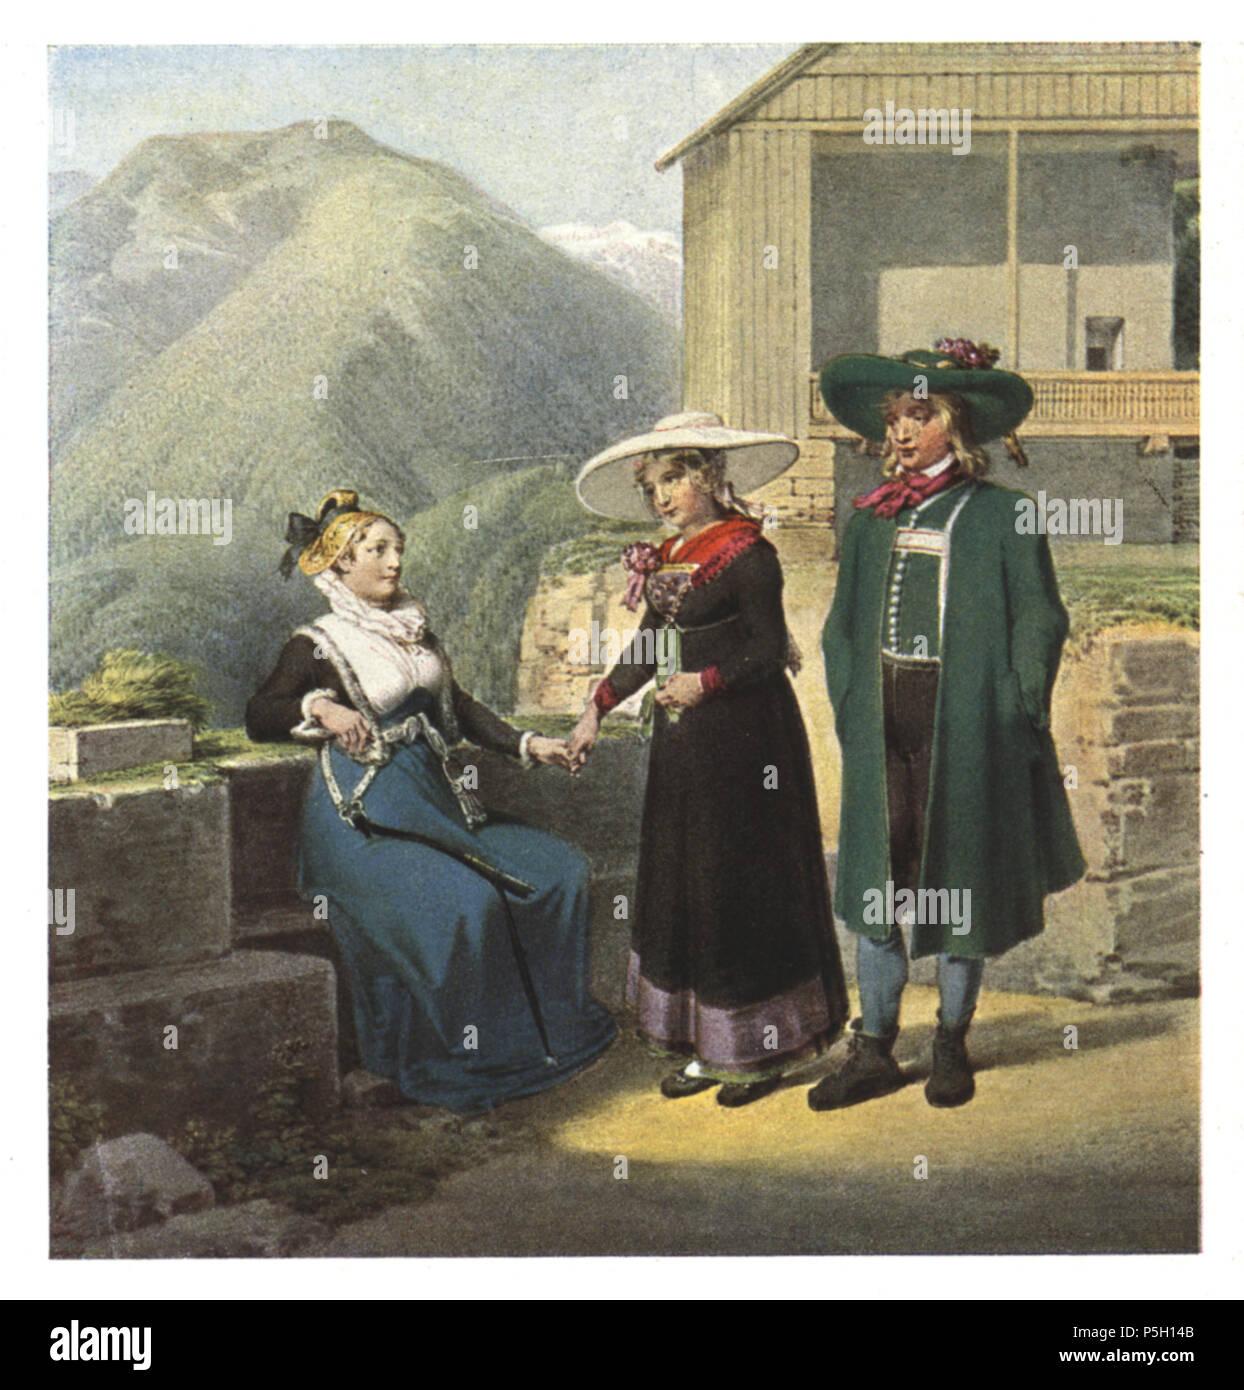 10 069 Bürgersfrau aus Bruck an der Mur und Bauernpaar aus der Gegend von Leoben - Aquarell von Matthäus Loder, 1822 Stock Photo